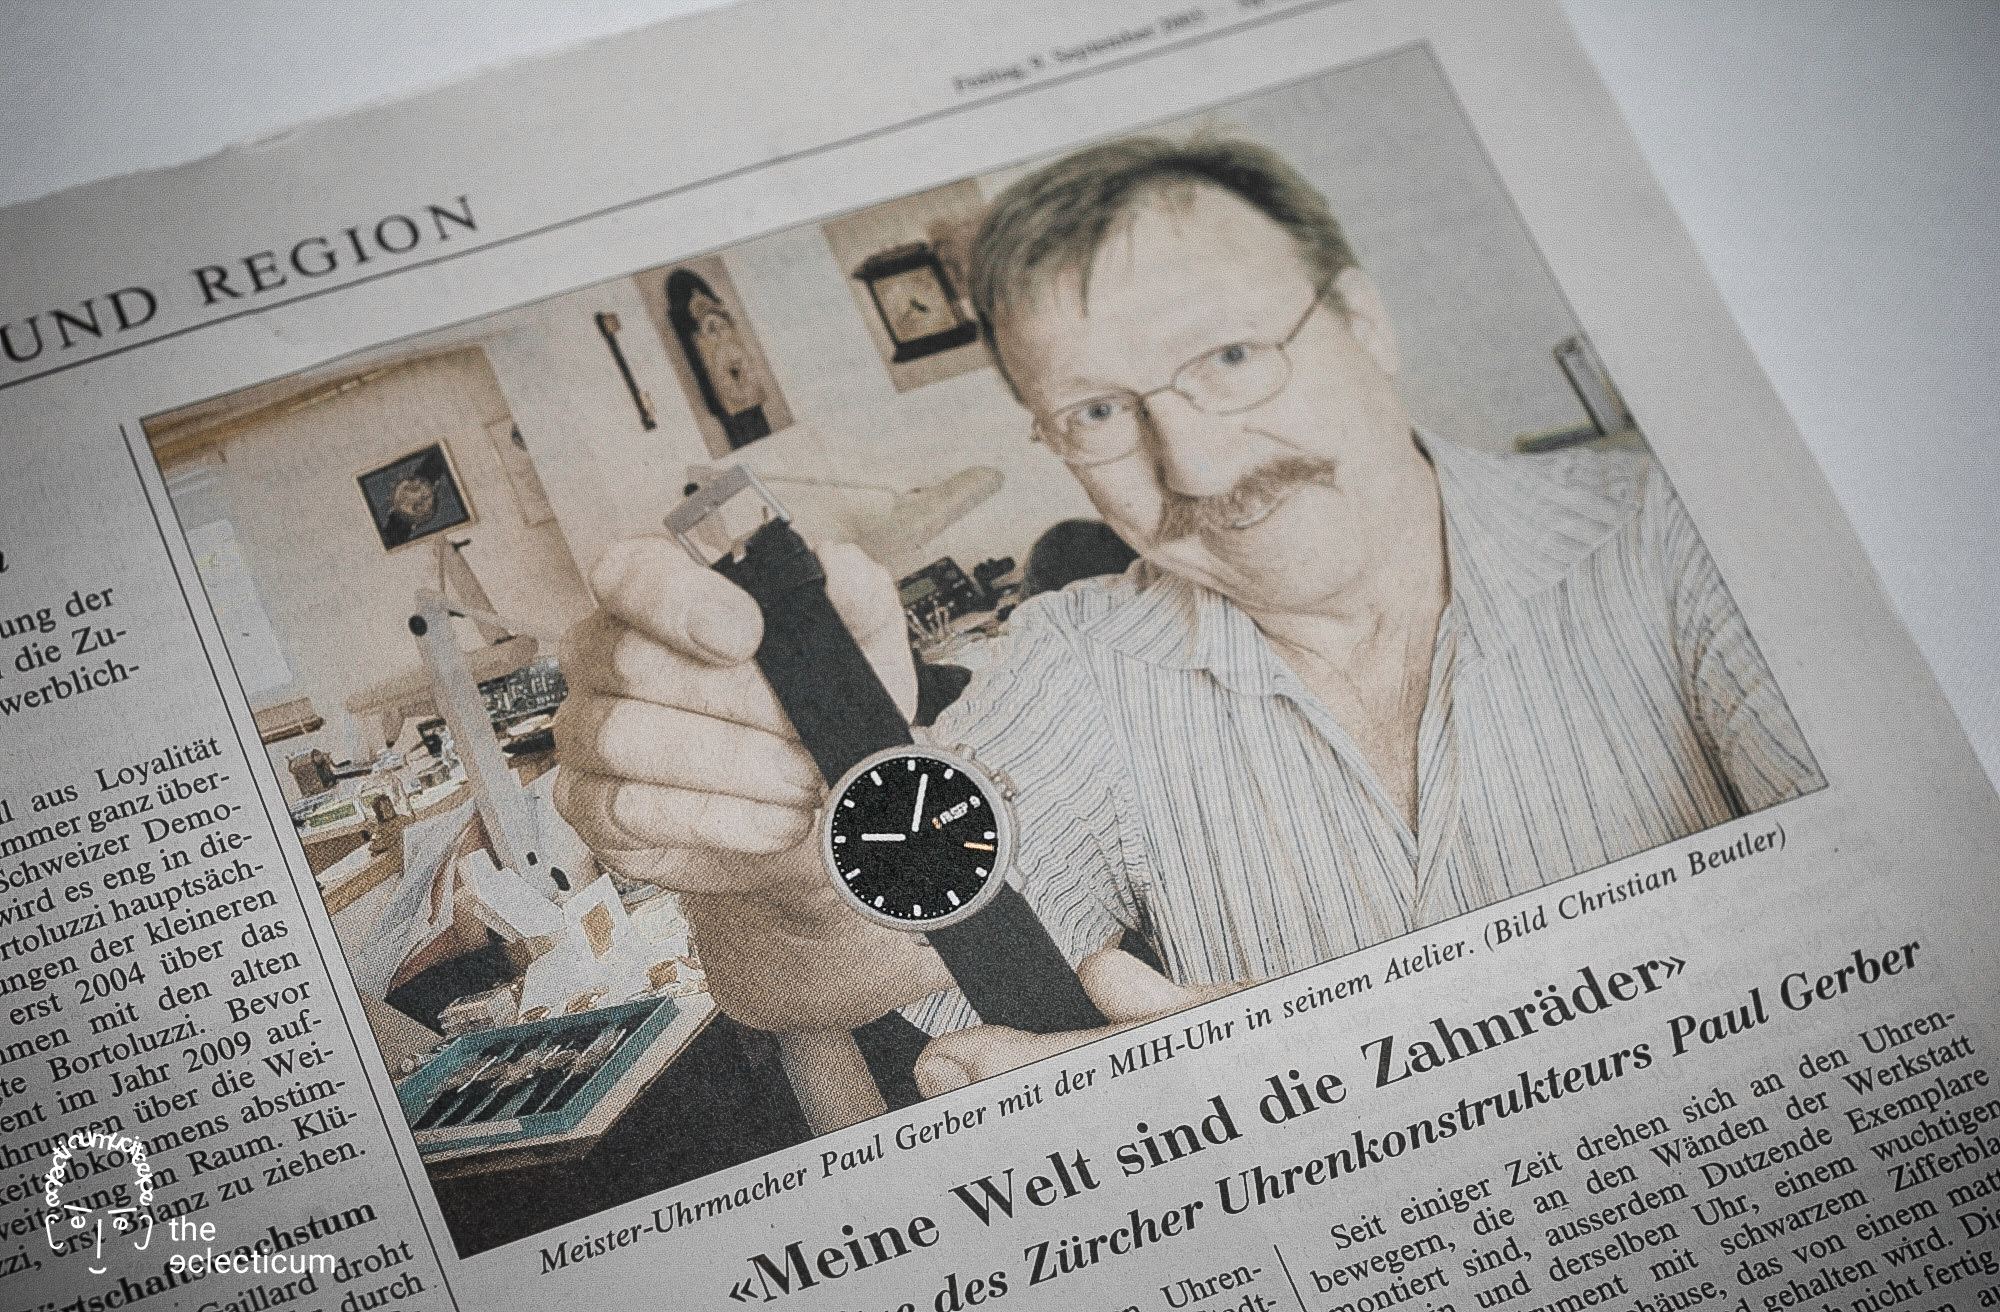 MIH Watch Musee International d'Horologerie Ludwig Oechslin Paul Gerber Christian Gafner Beat Weinmann Annual Calendar Monopusher Chronograph Simplicity